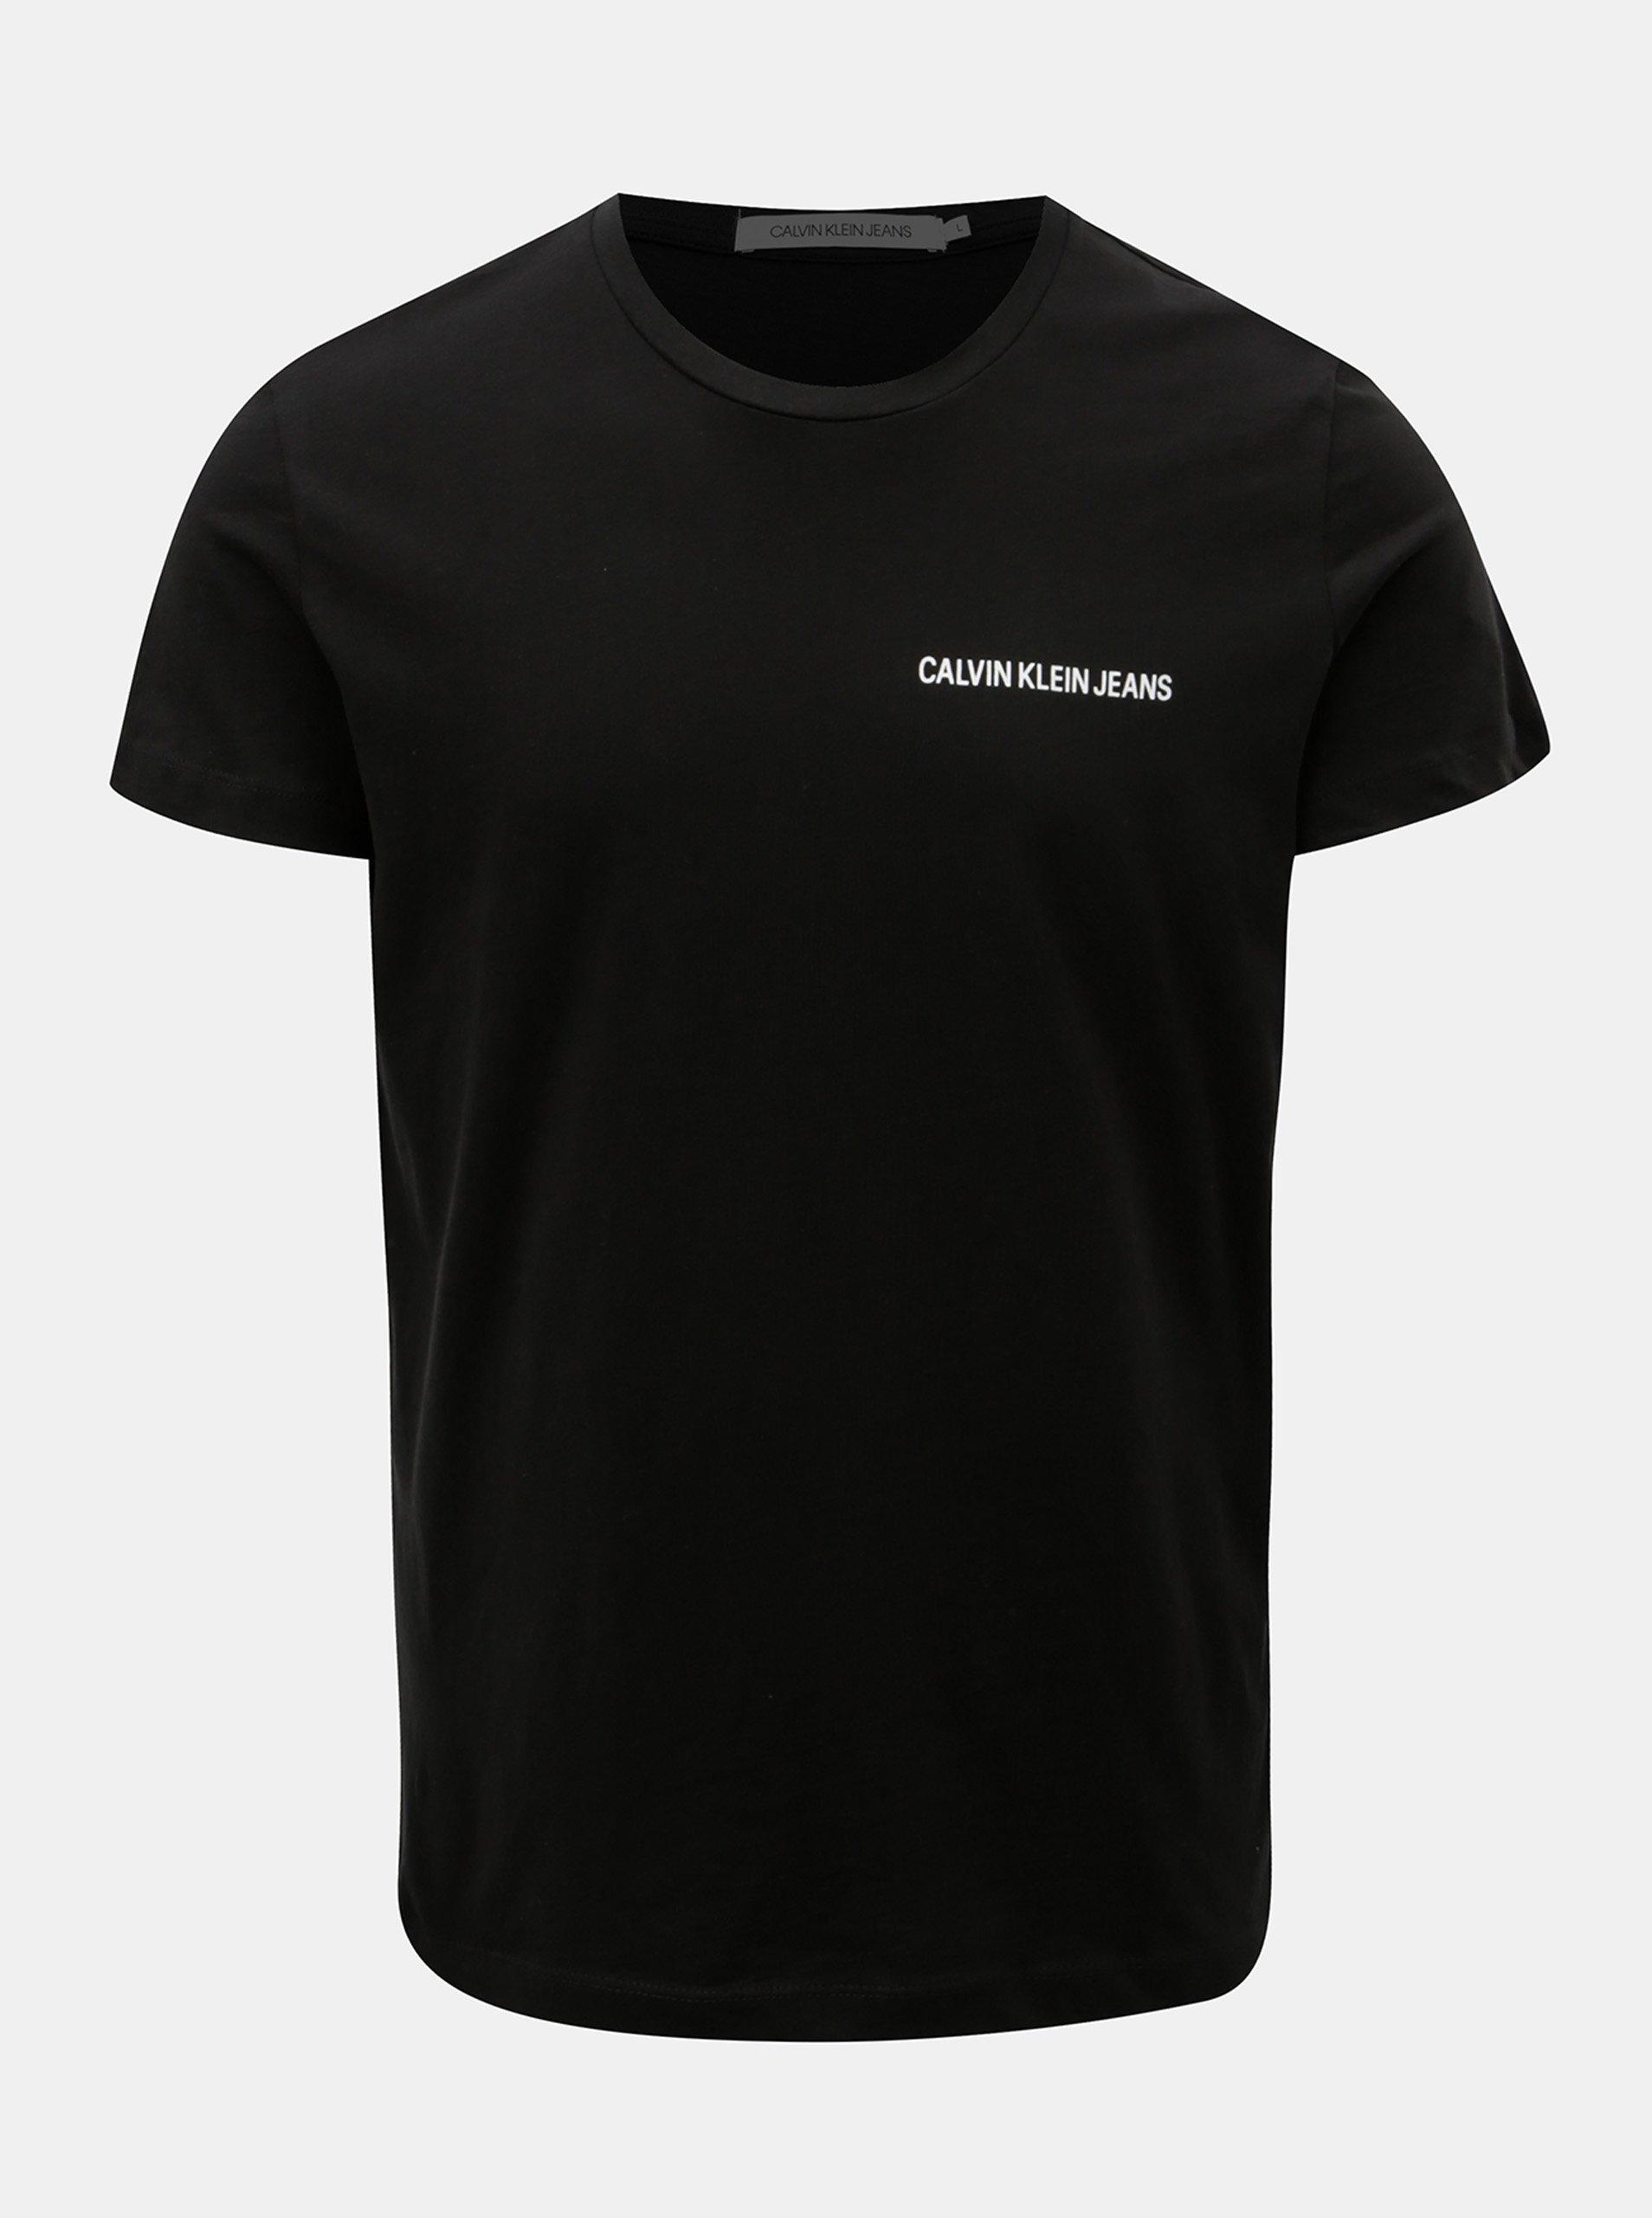 Černé pánské tričko s potiskem Calvin Klein Jeans 8f4c7cb58eb